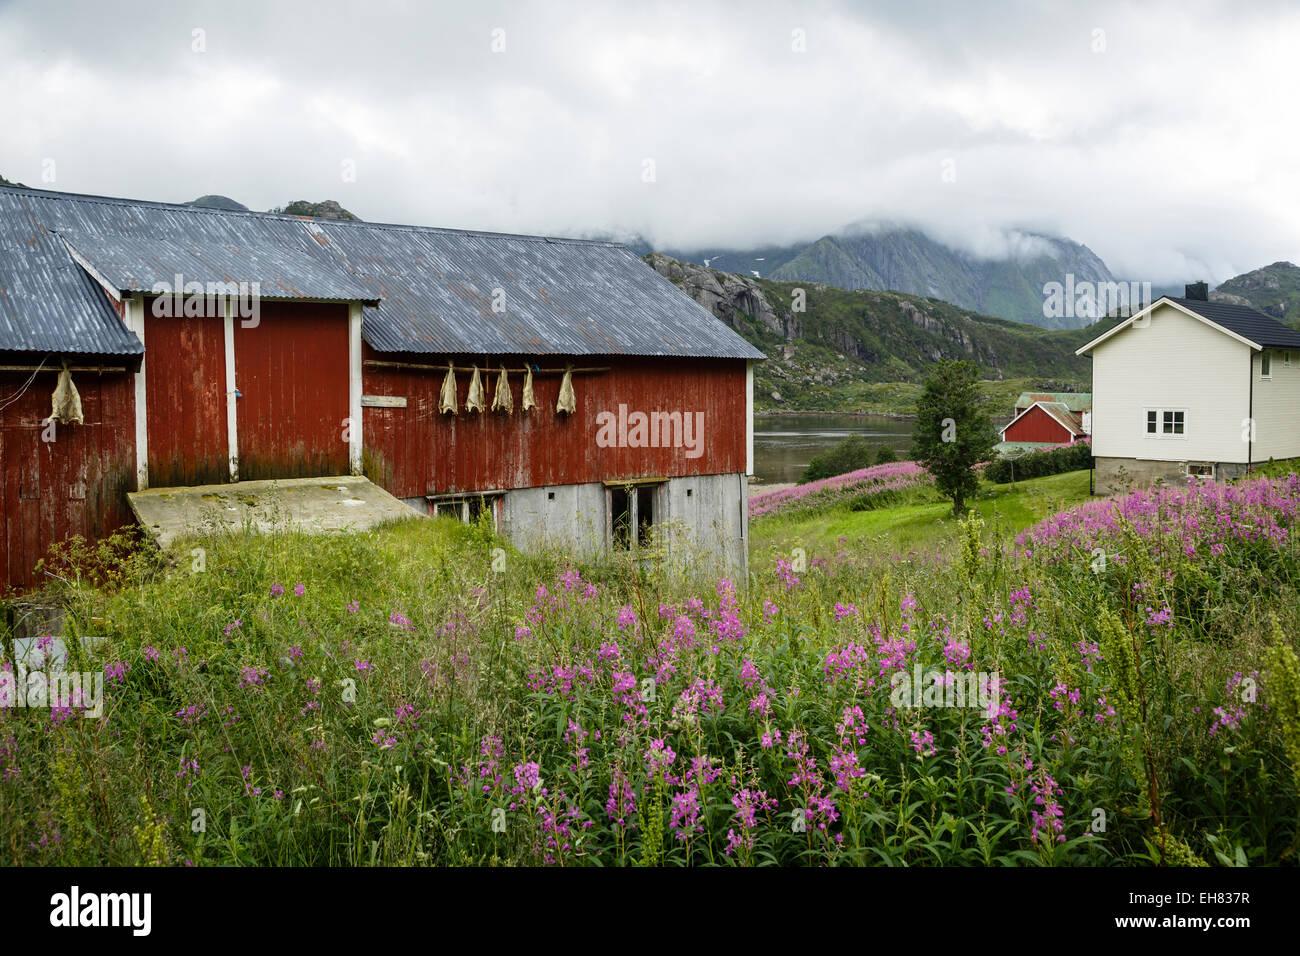 Houses in Tangstad, Vestvagoy commune, Lofoten Islands, Arctic, Norway, Scandinavia, Europe - Stock Image